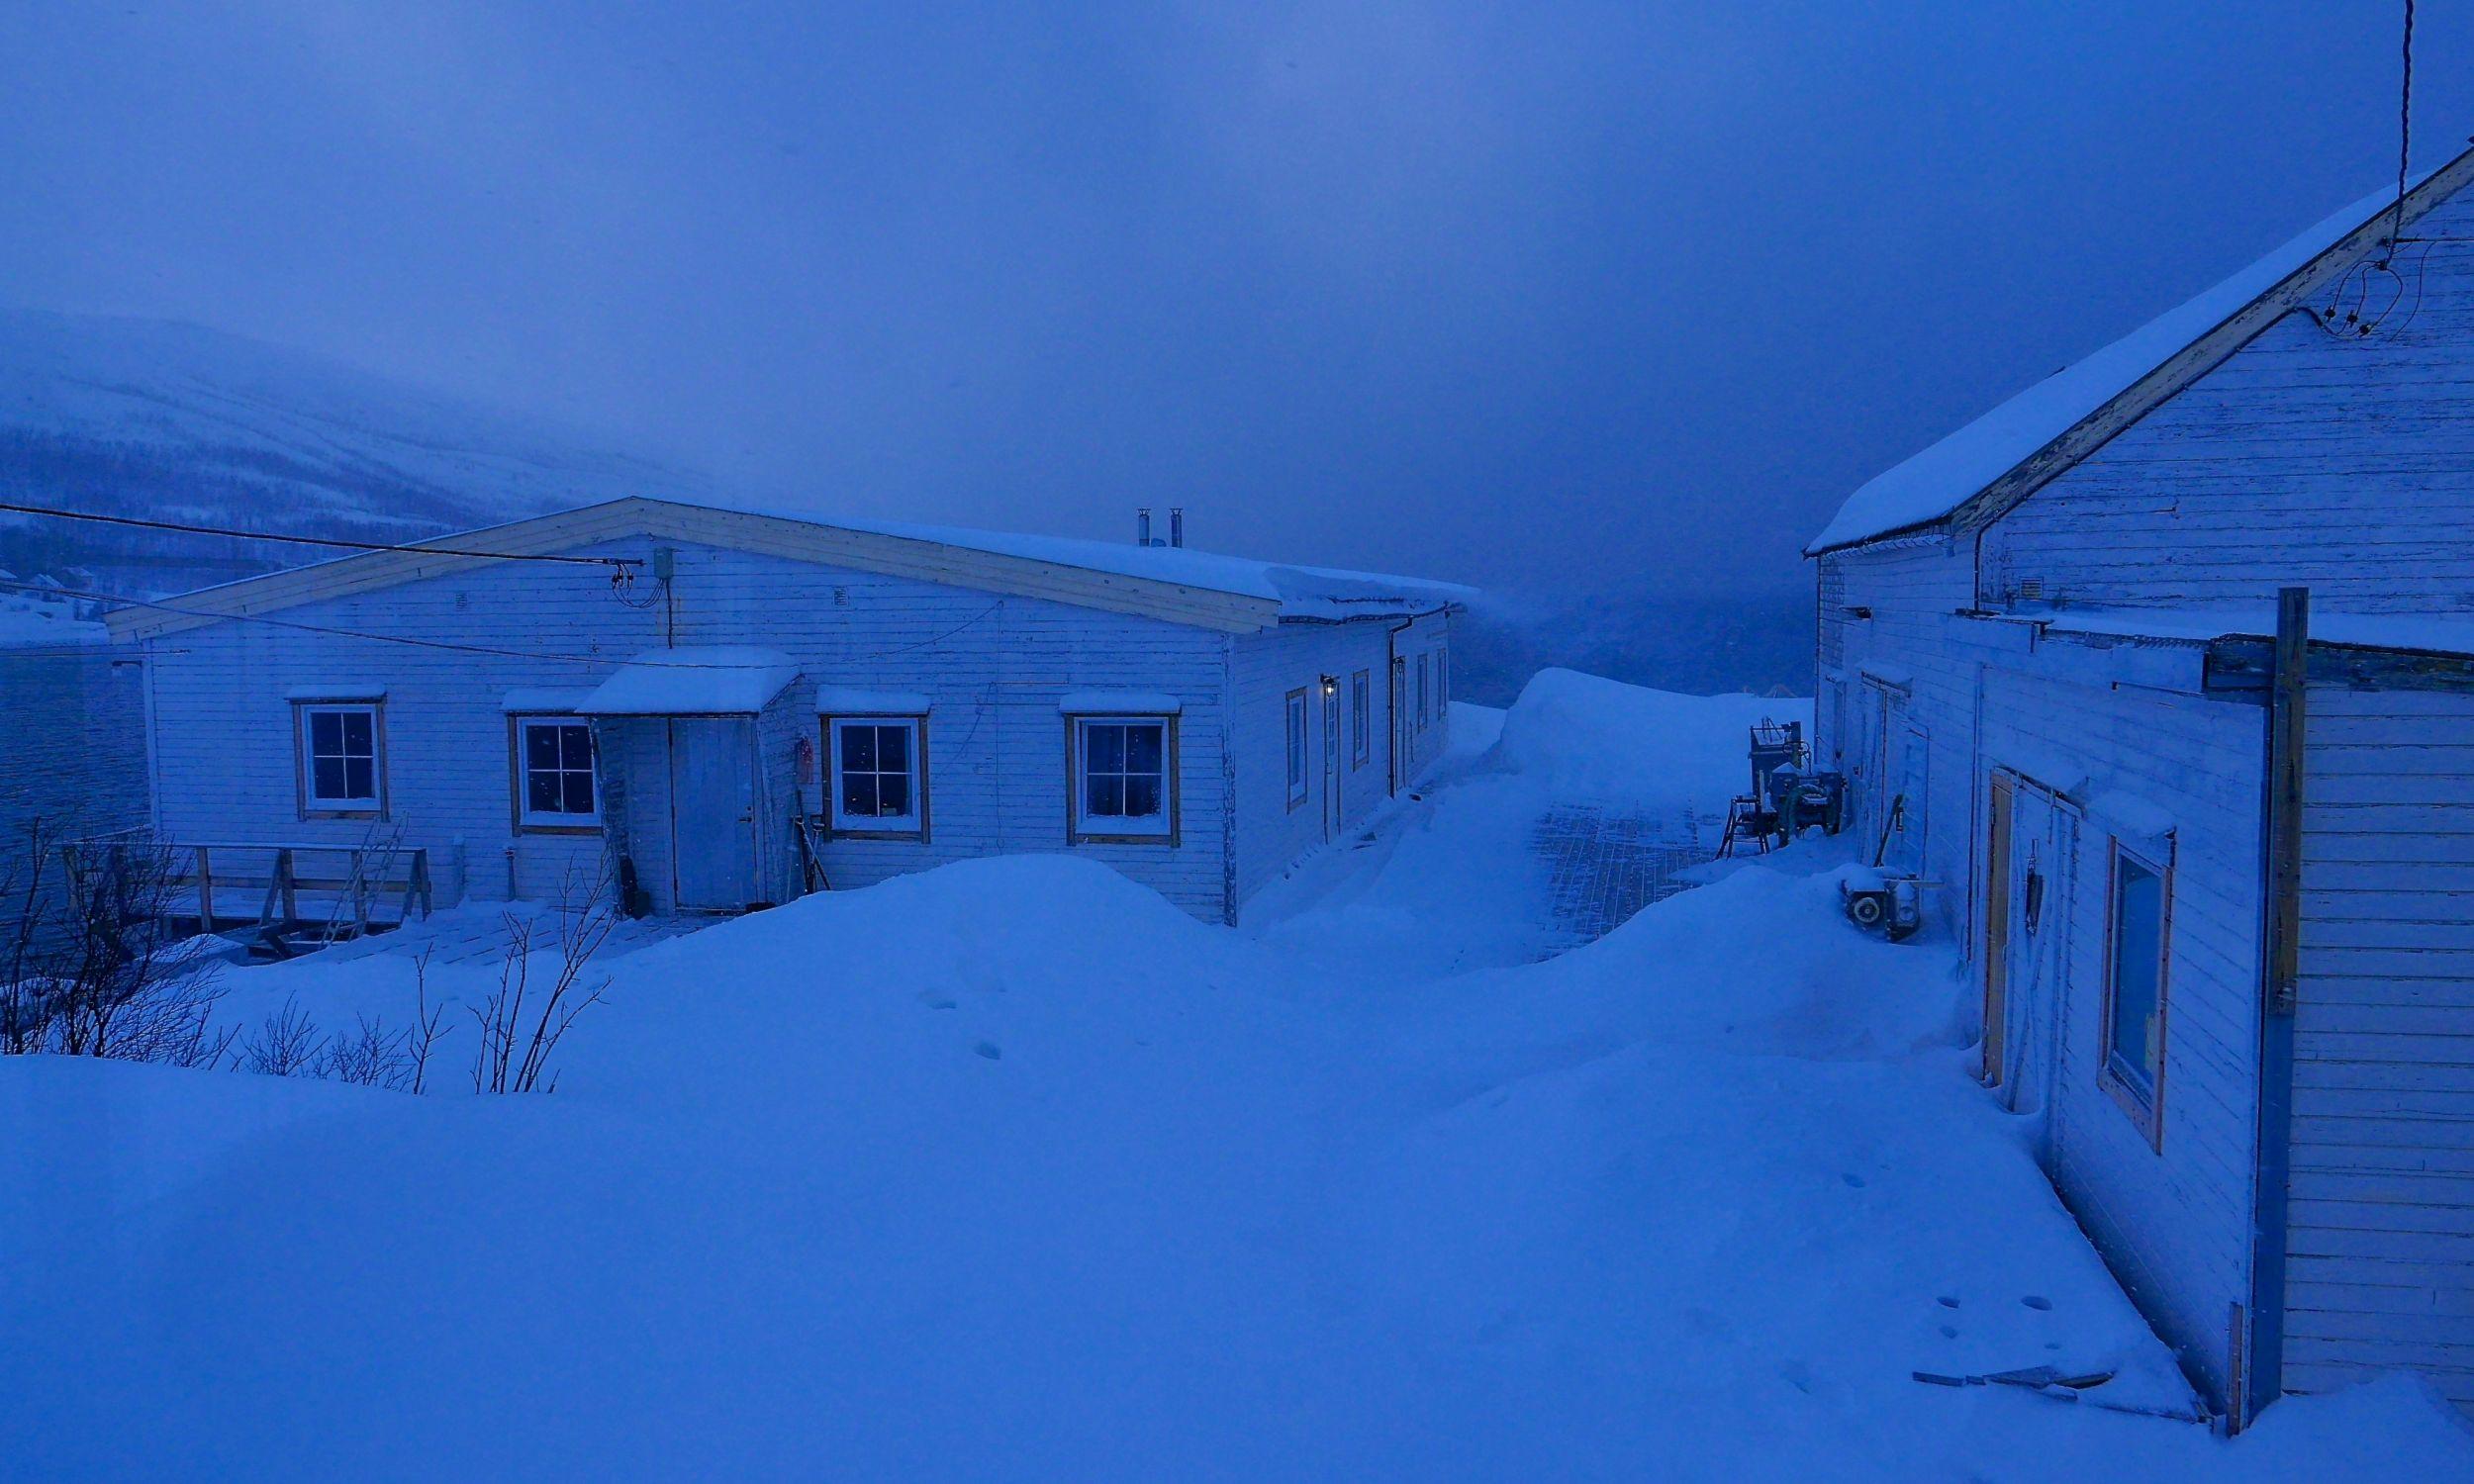 Arktyka w marcu. Ośrodek na Uløyi. Fot. Tomasz Kaźmierowski